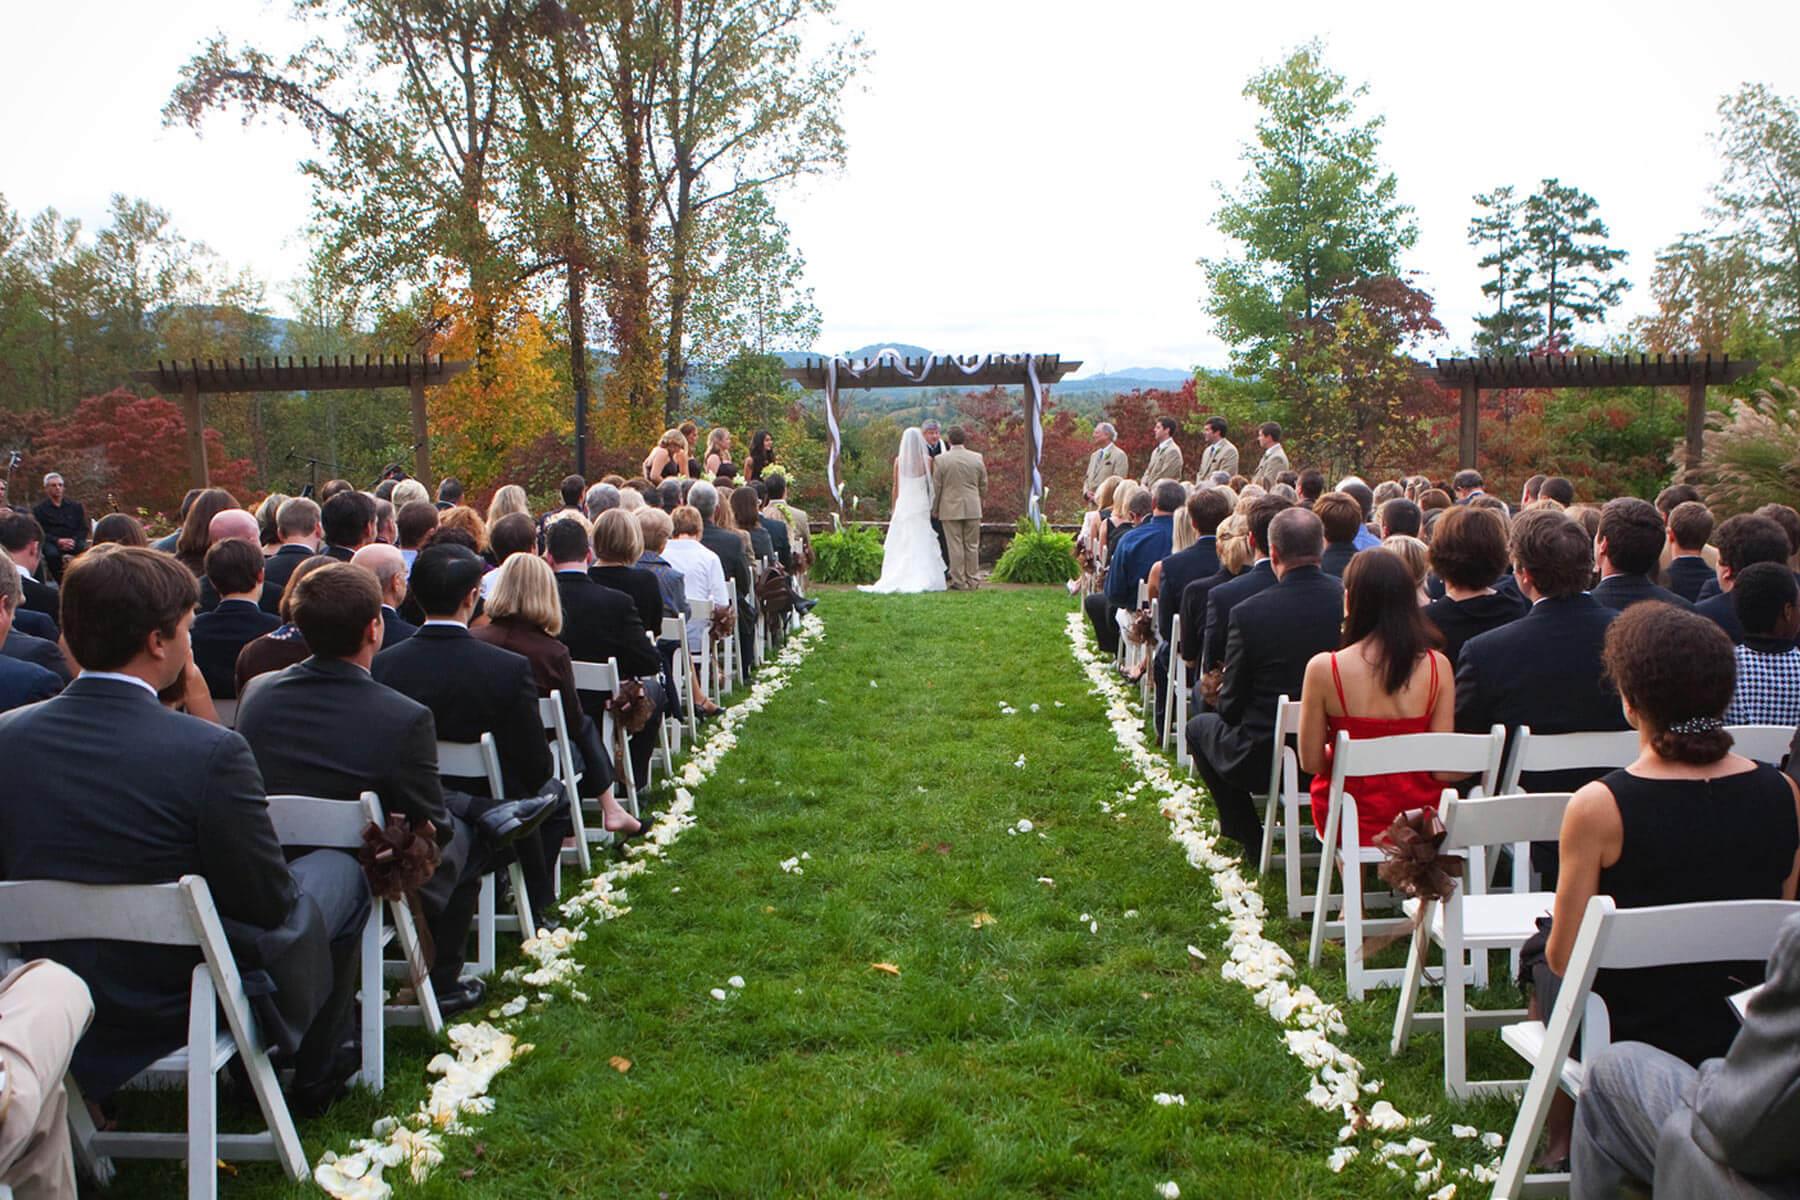 Brasstown Valley Weddings Wedding Venues Waterfall Lawn